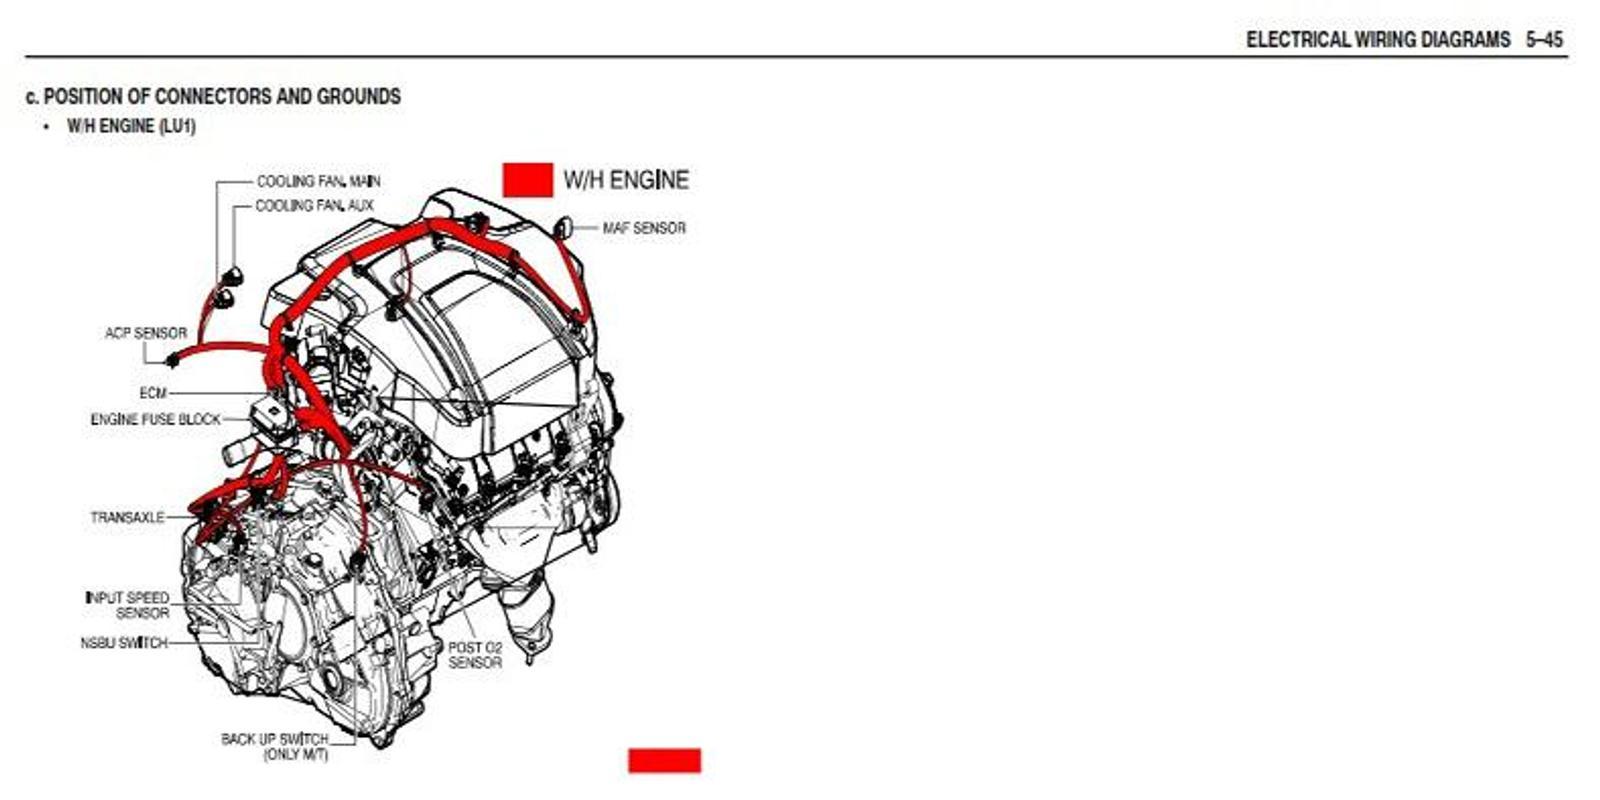 Japanese Car Wiring Diagram screenshot 5 .